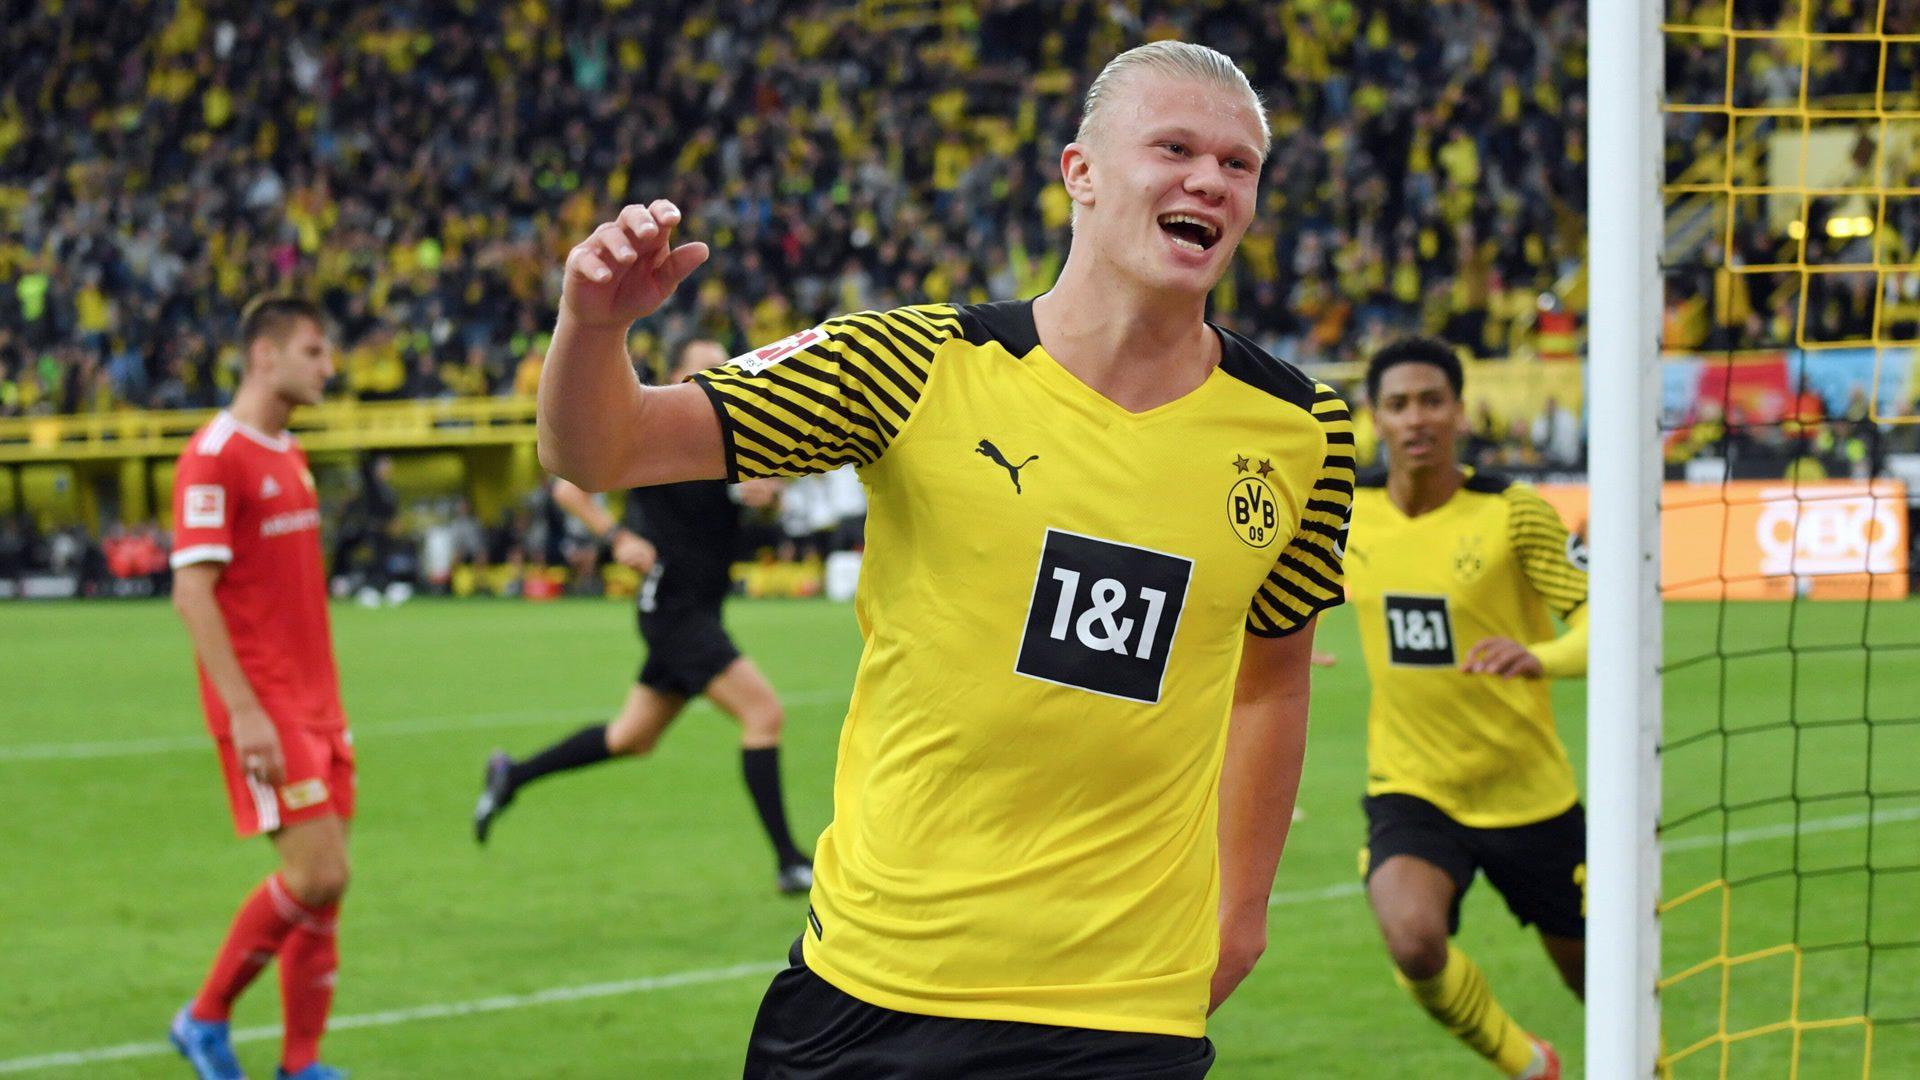 Haaland strikes again as Dortmund down Union